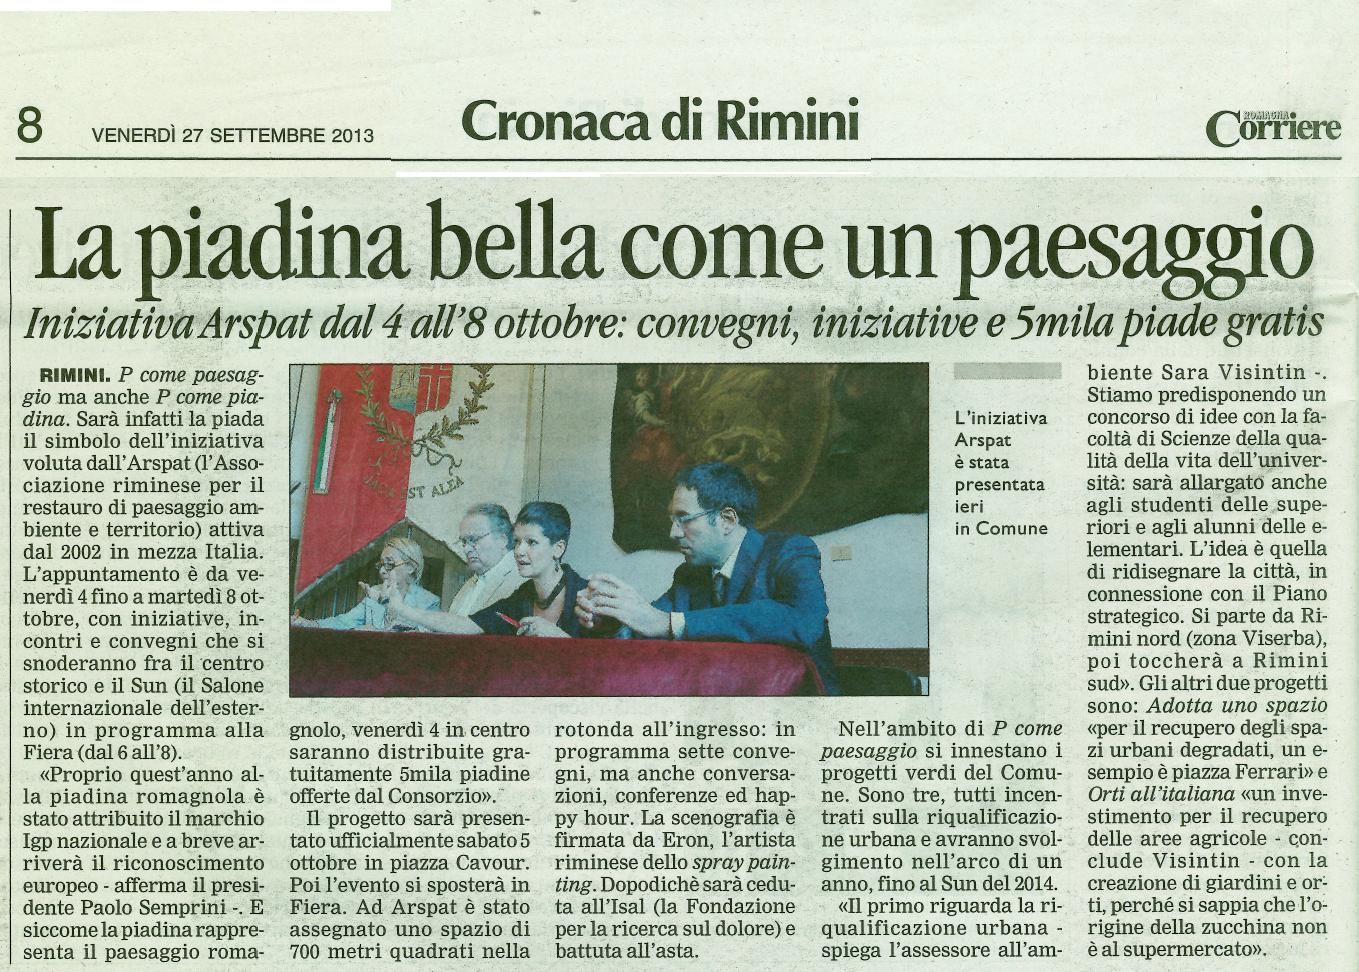 Corriere27092013